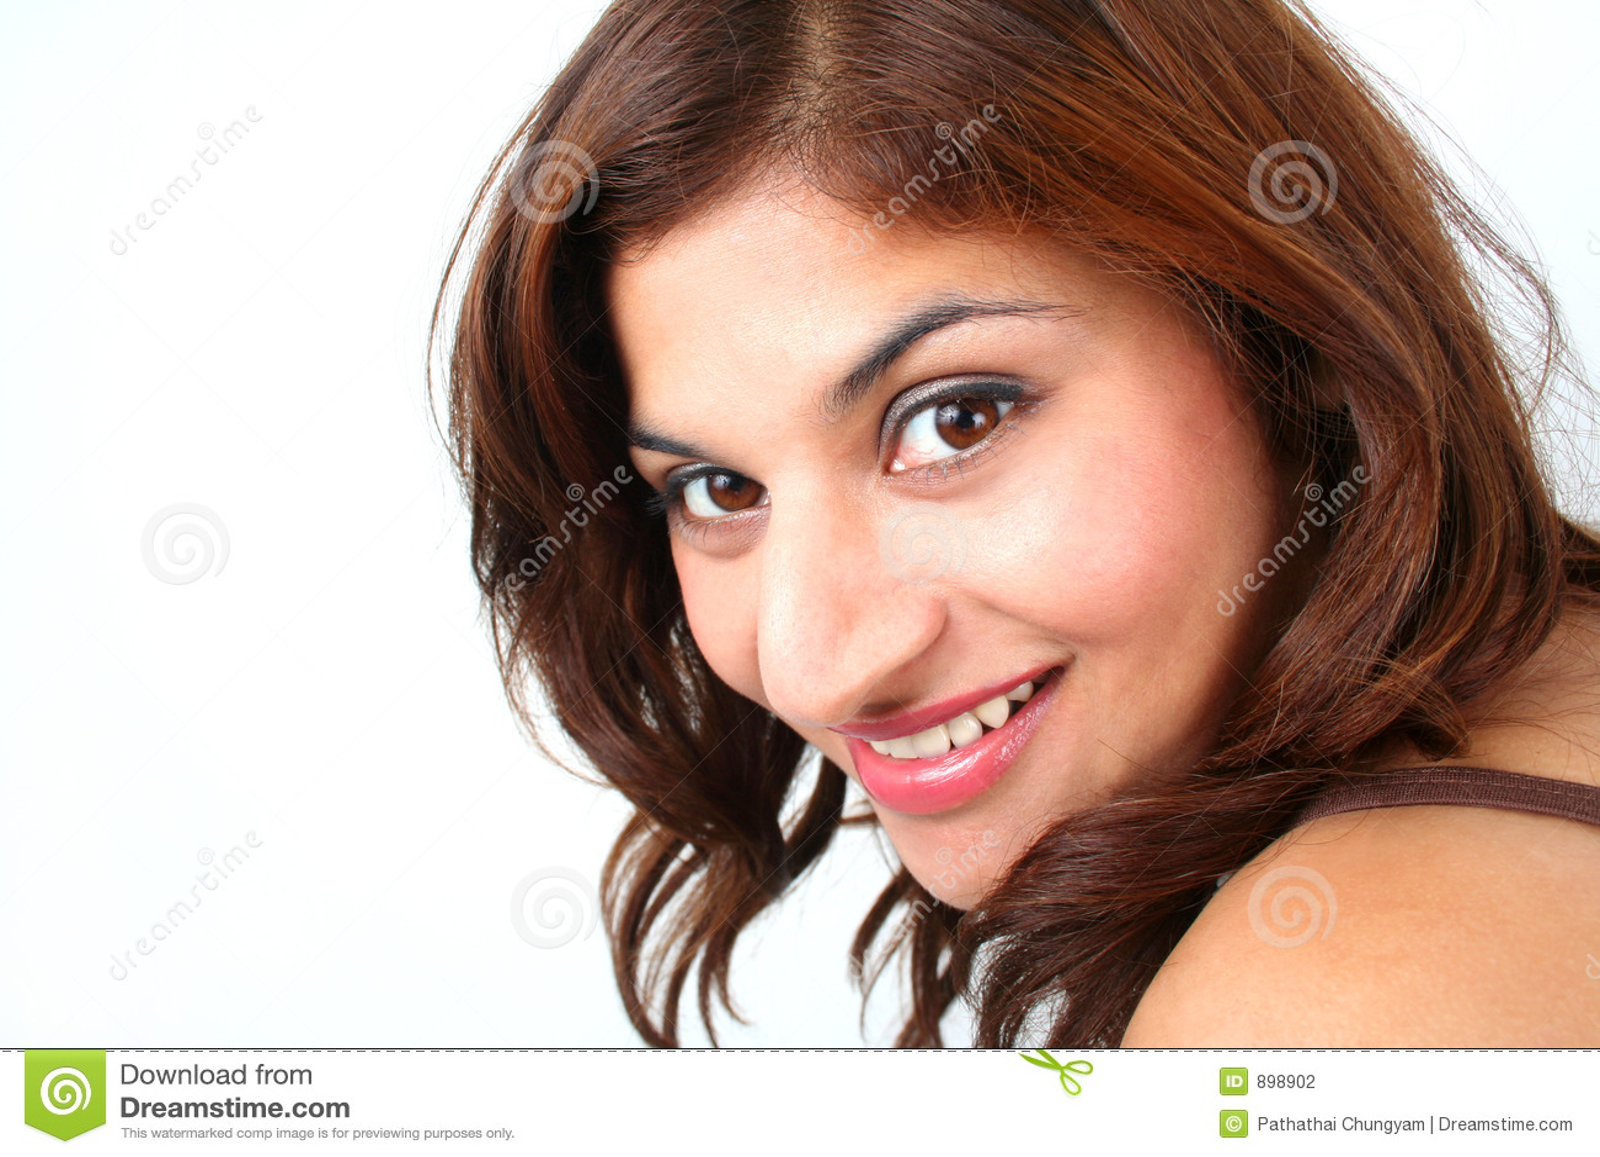 Fotos de mujeres hermosas - Google